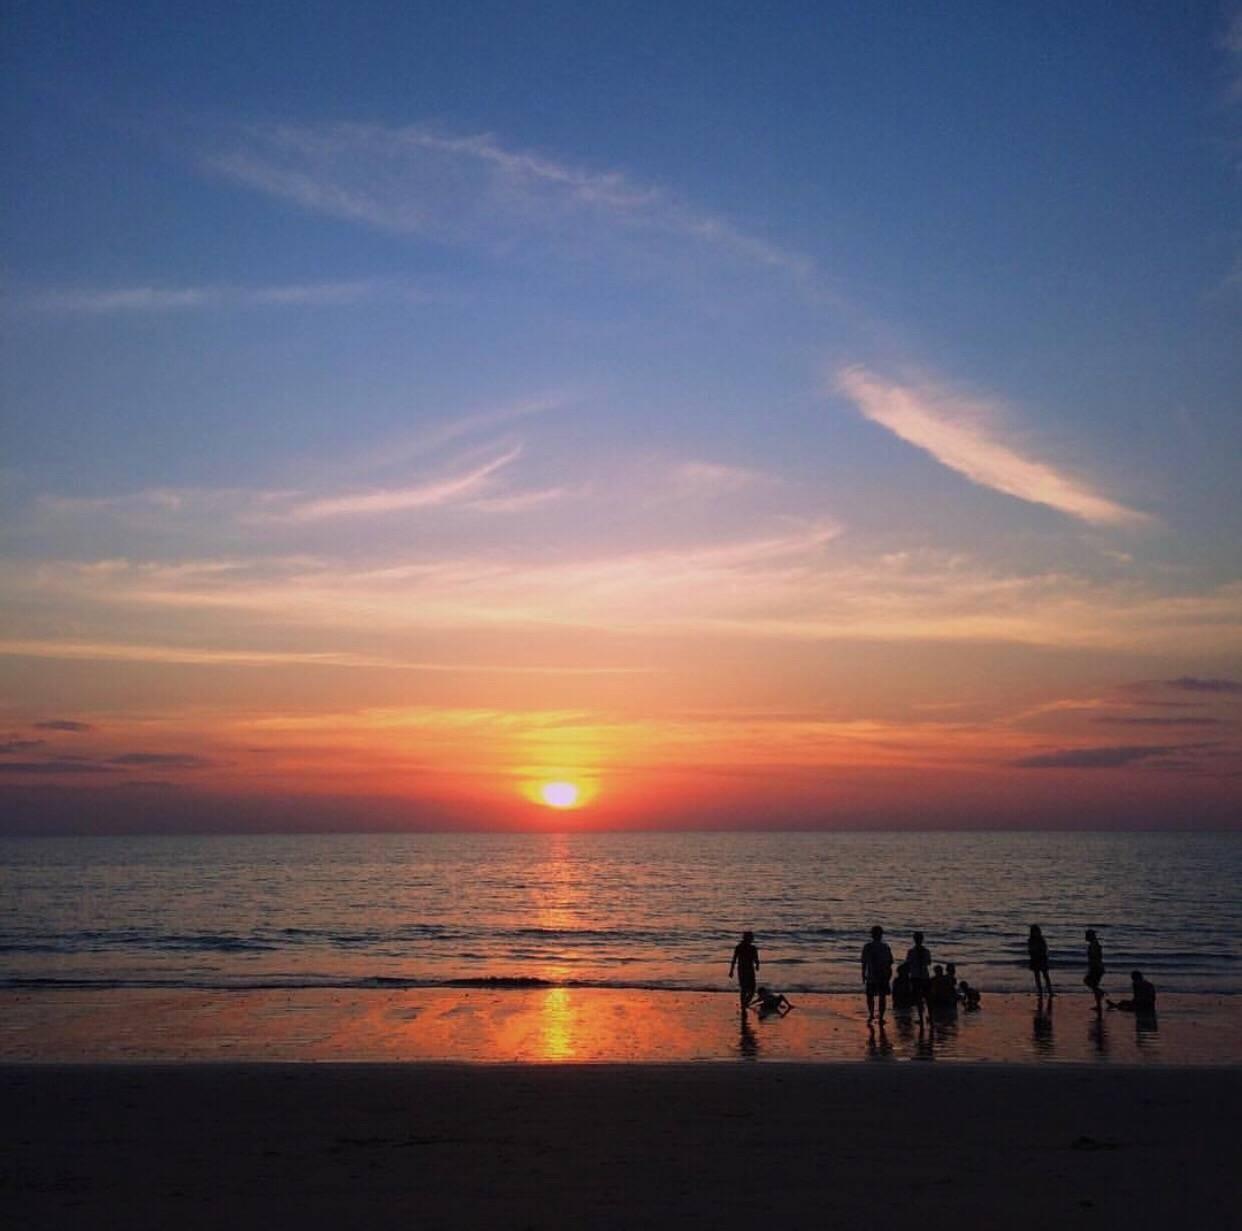 พระอาทิตย์ตกดินที่หาดบางสัก